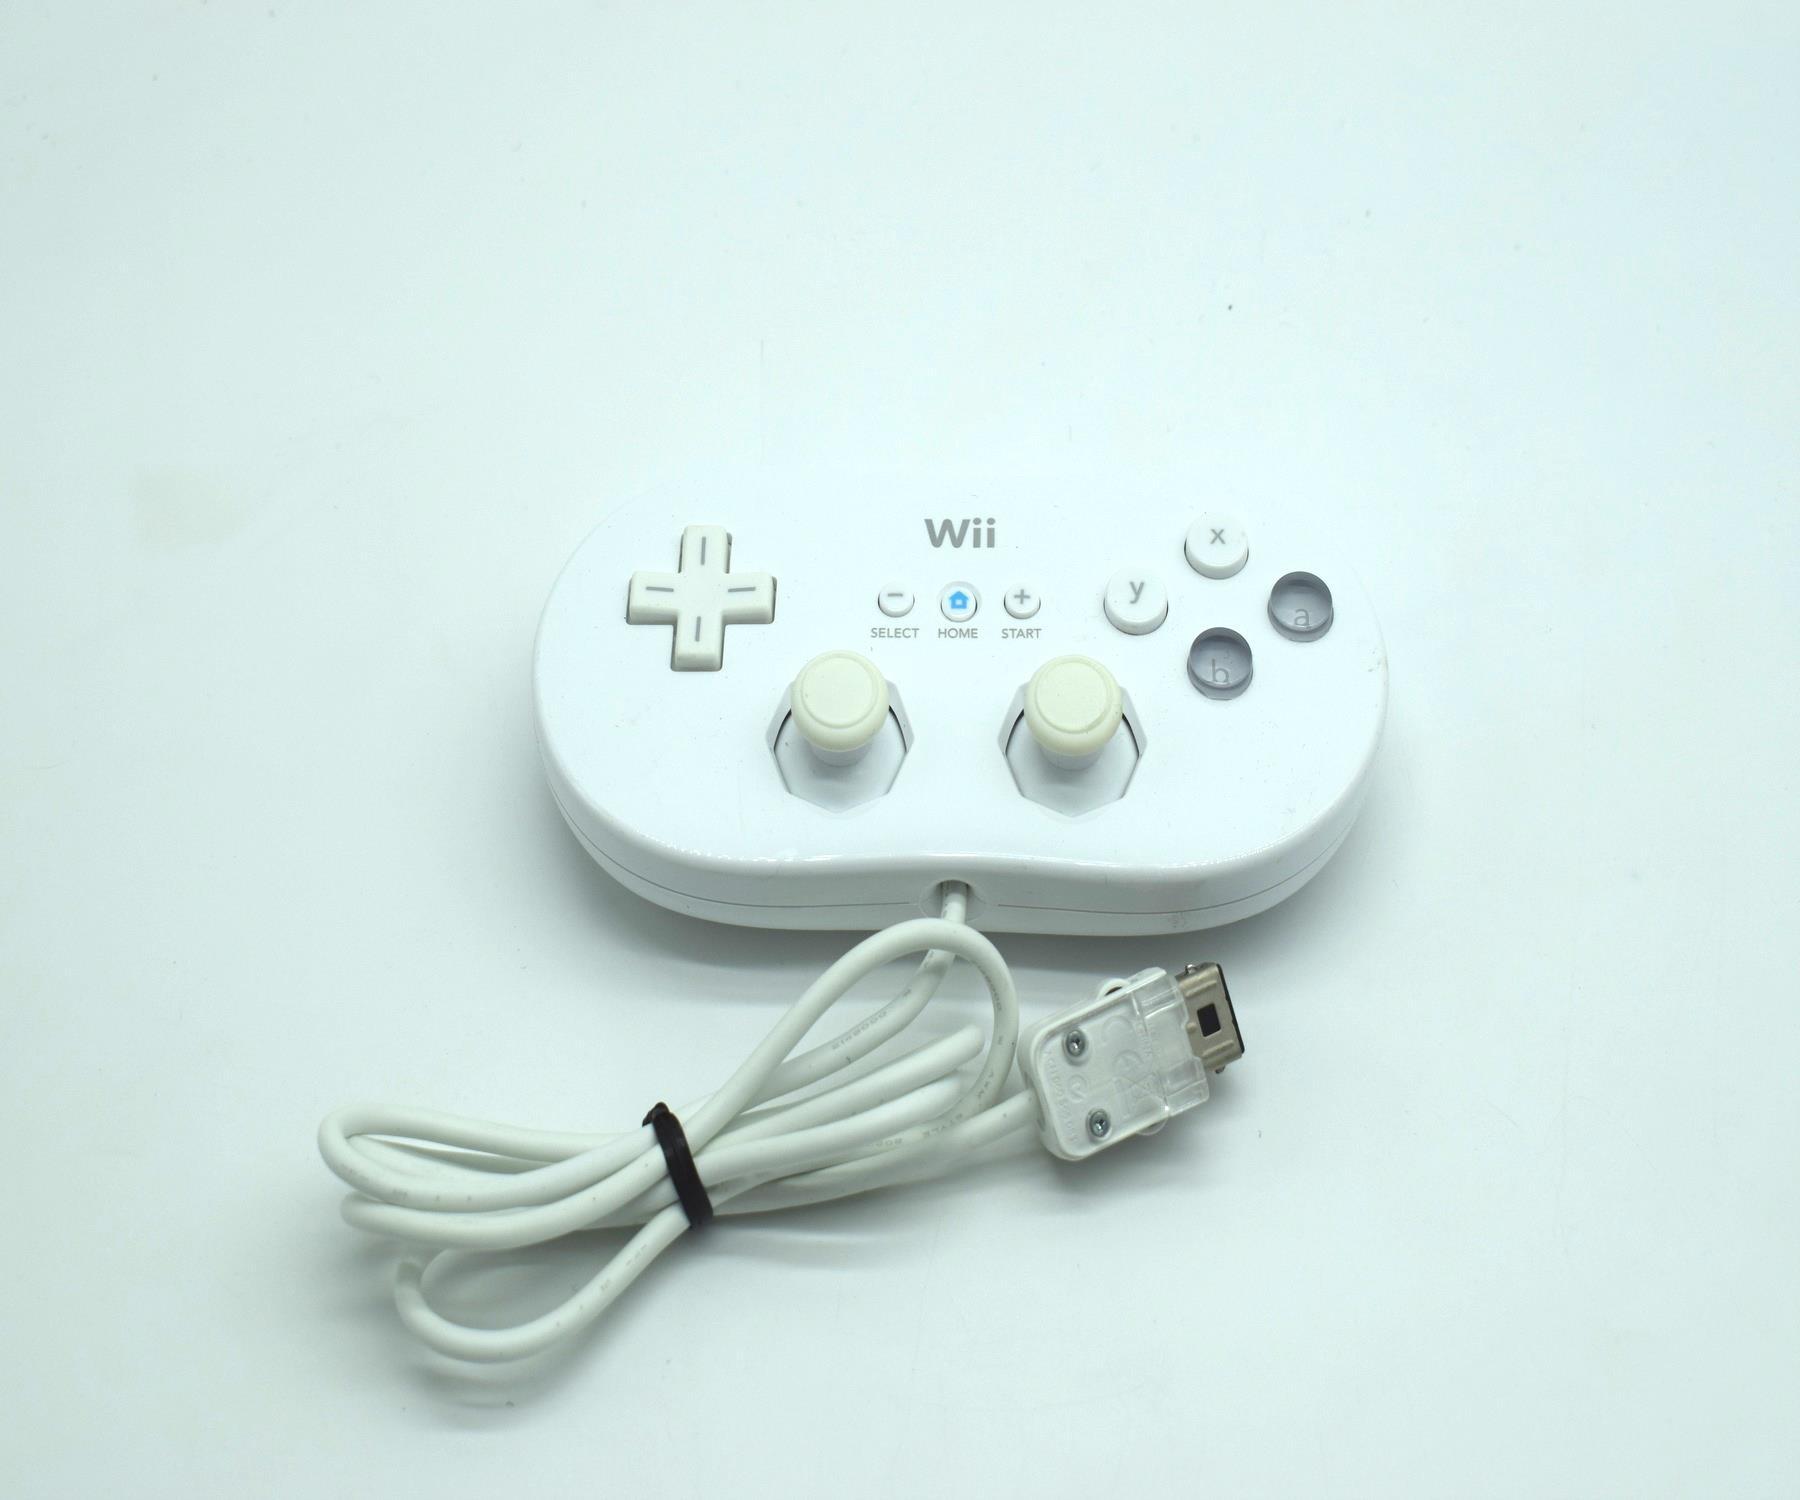 Official-Nintendo-Wii-amp-Remote-U-Plus-Genuine-Original-Controller miniatuur 24